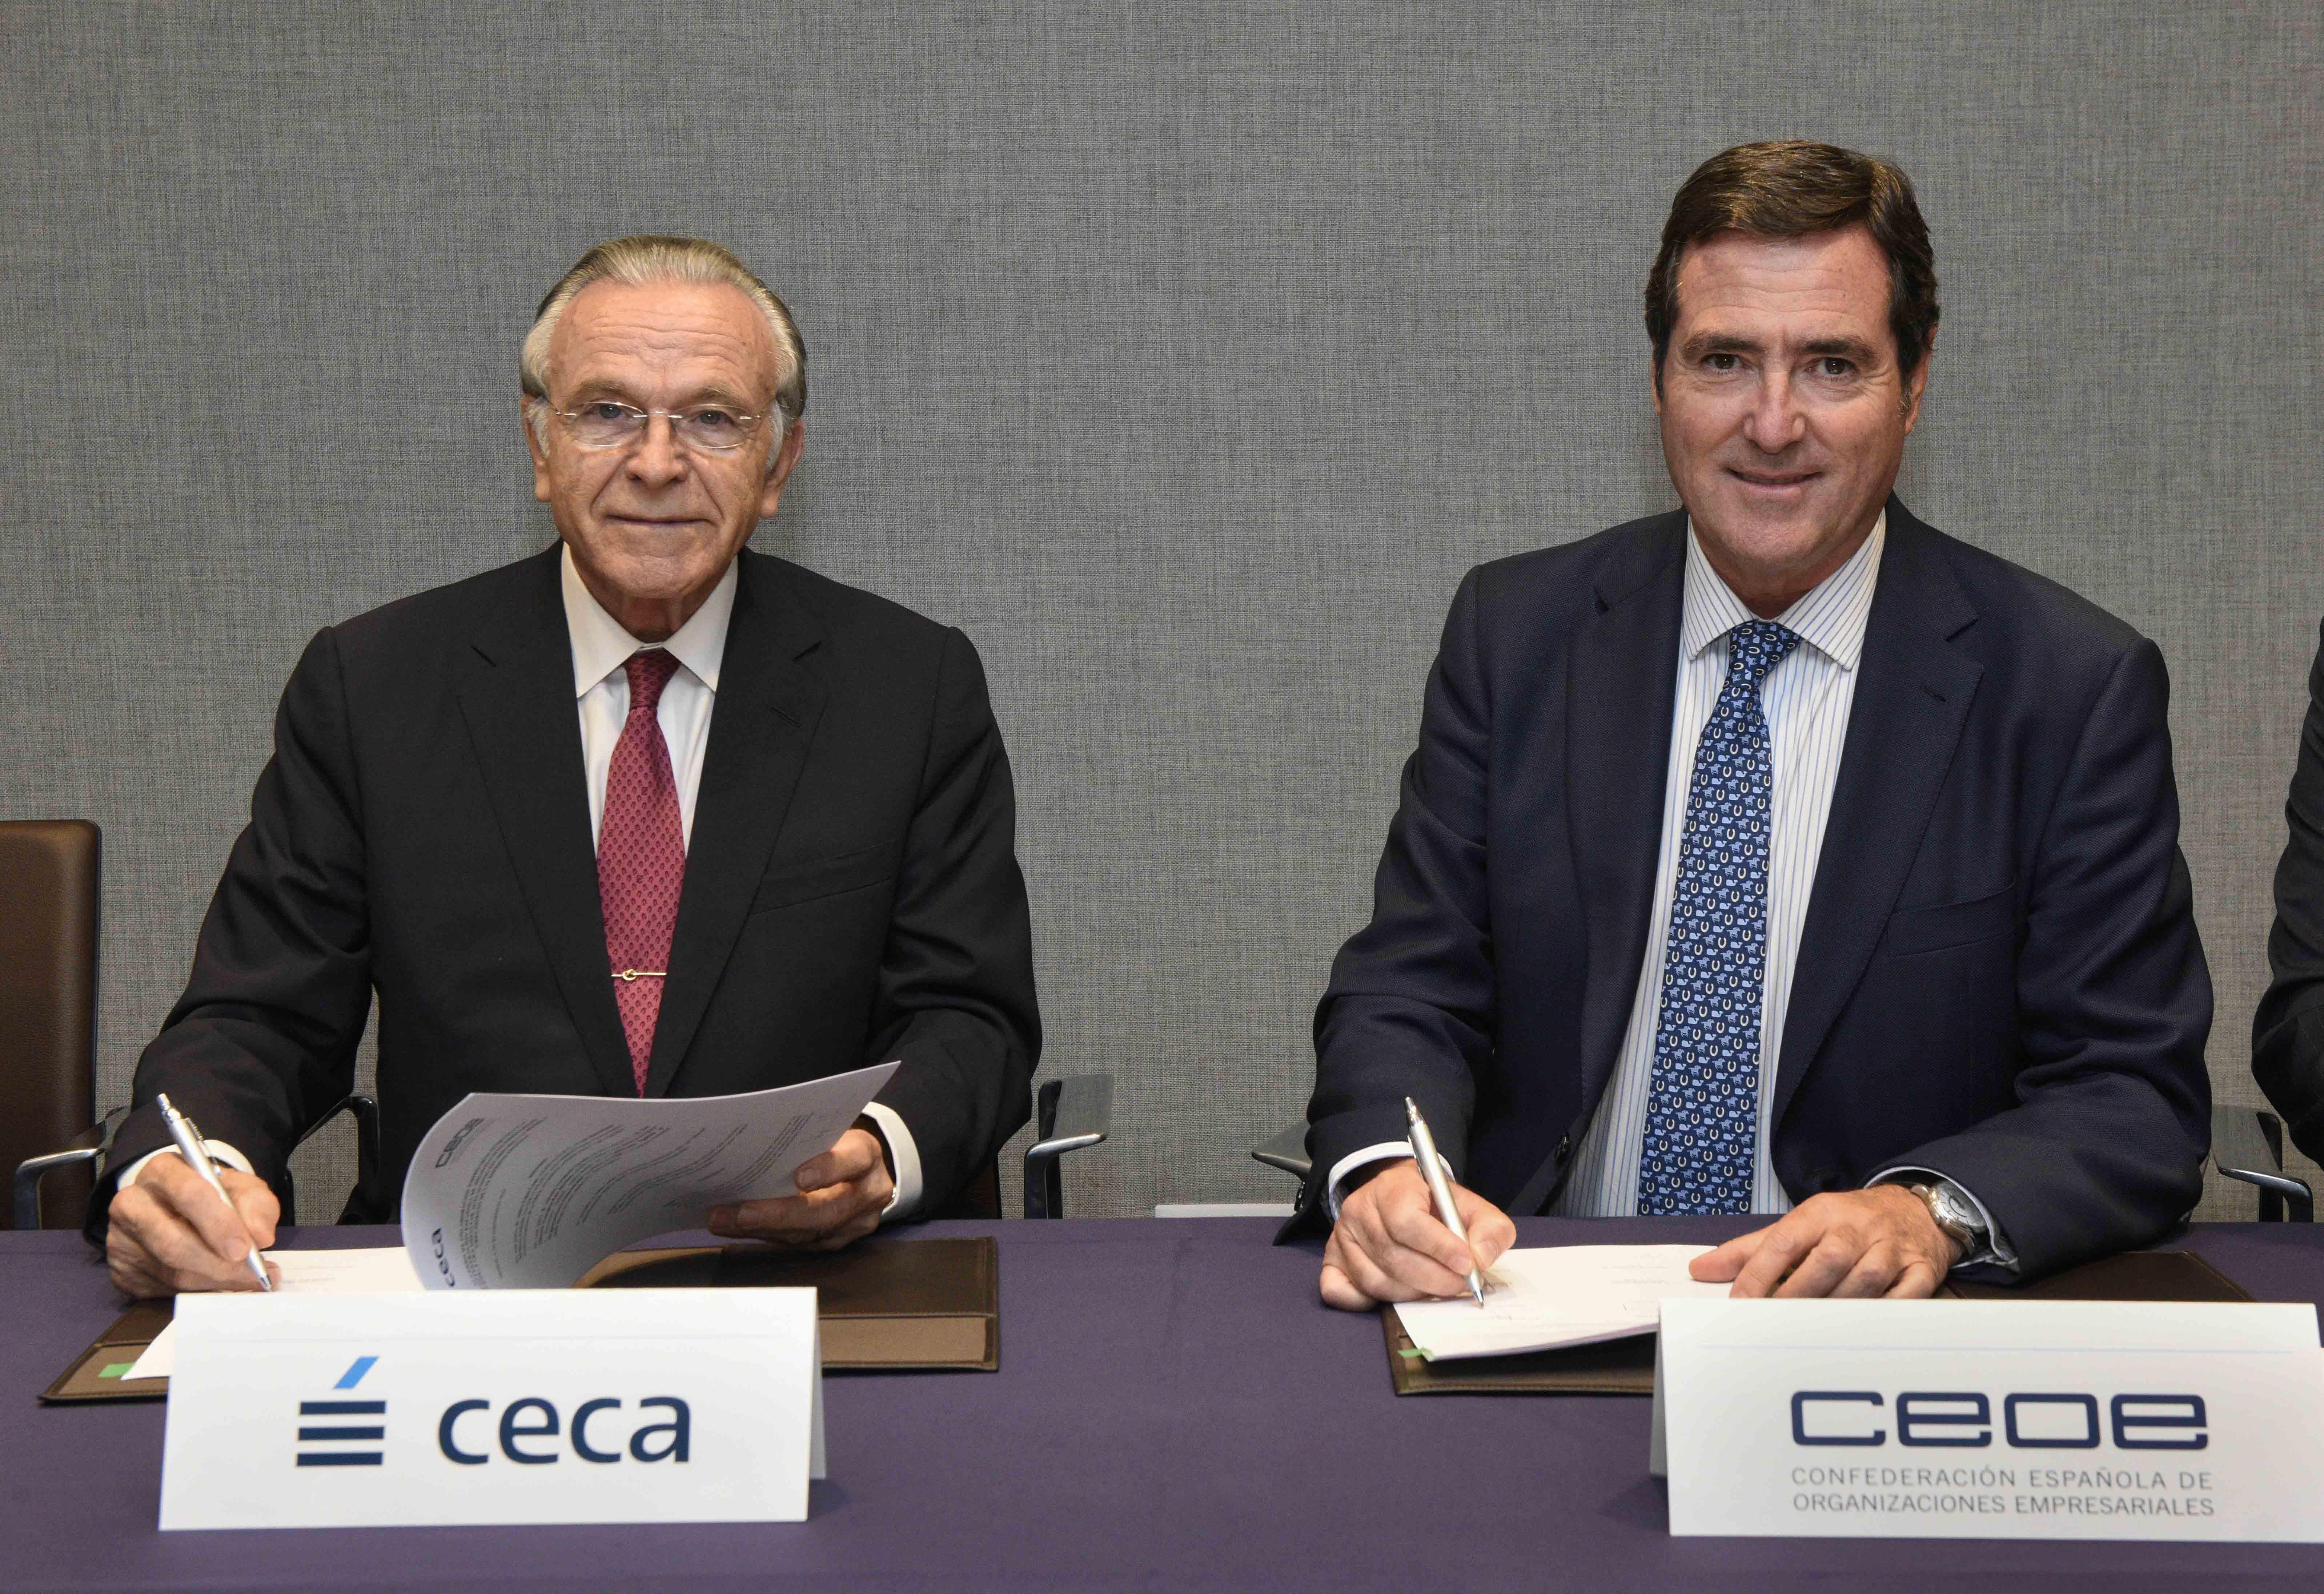 """El presidente de la CECA y de la Fundación Bancaria """"la Caixa"""", Isidro Fainé, y el presidente de la CEOE, Antonio Garamendi, durante la firma del acuerdo"""